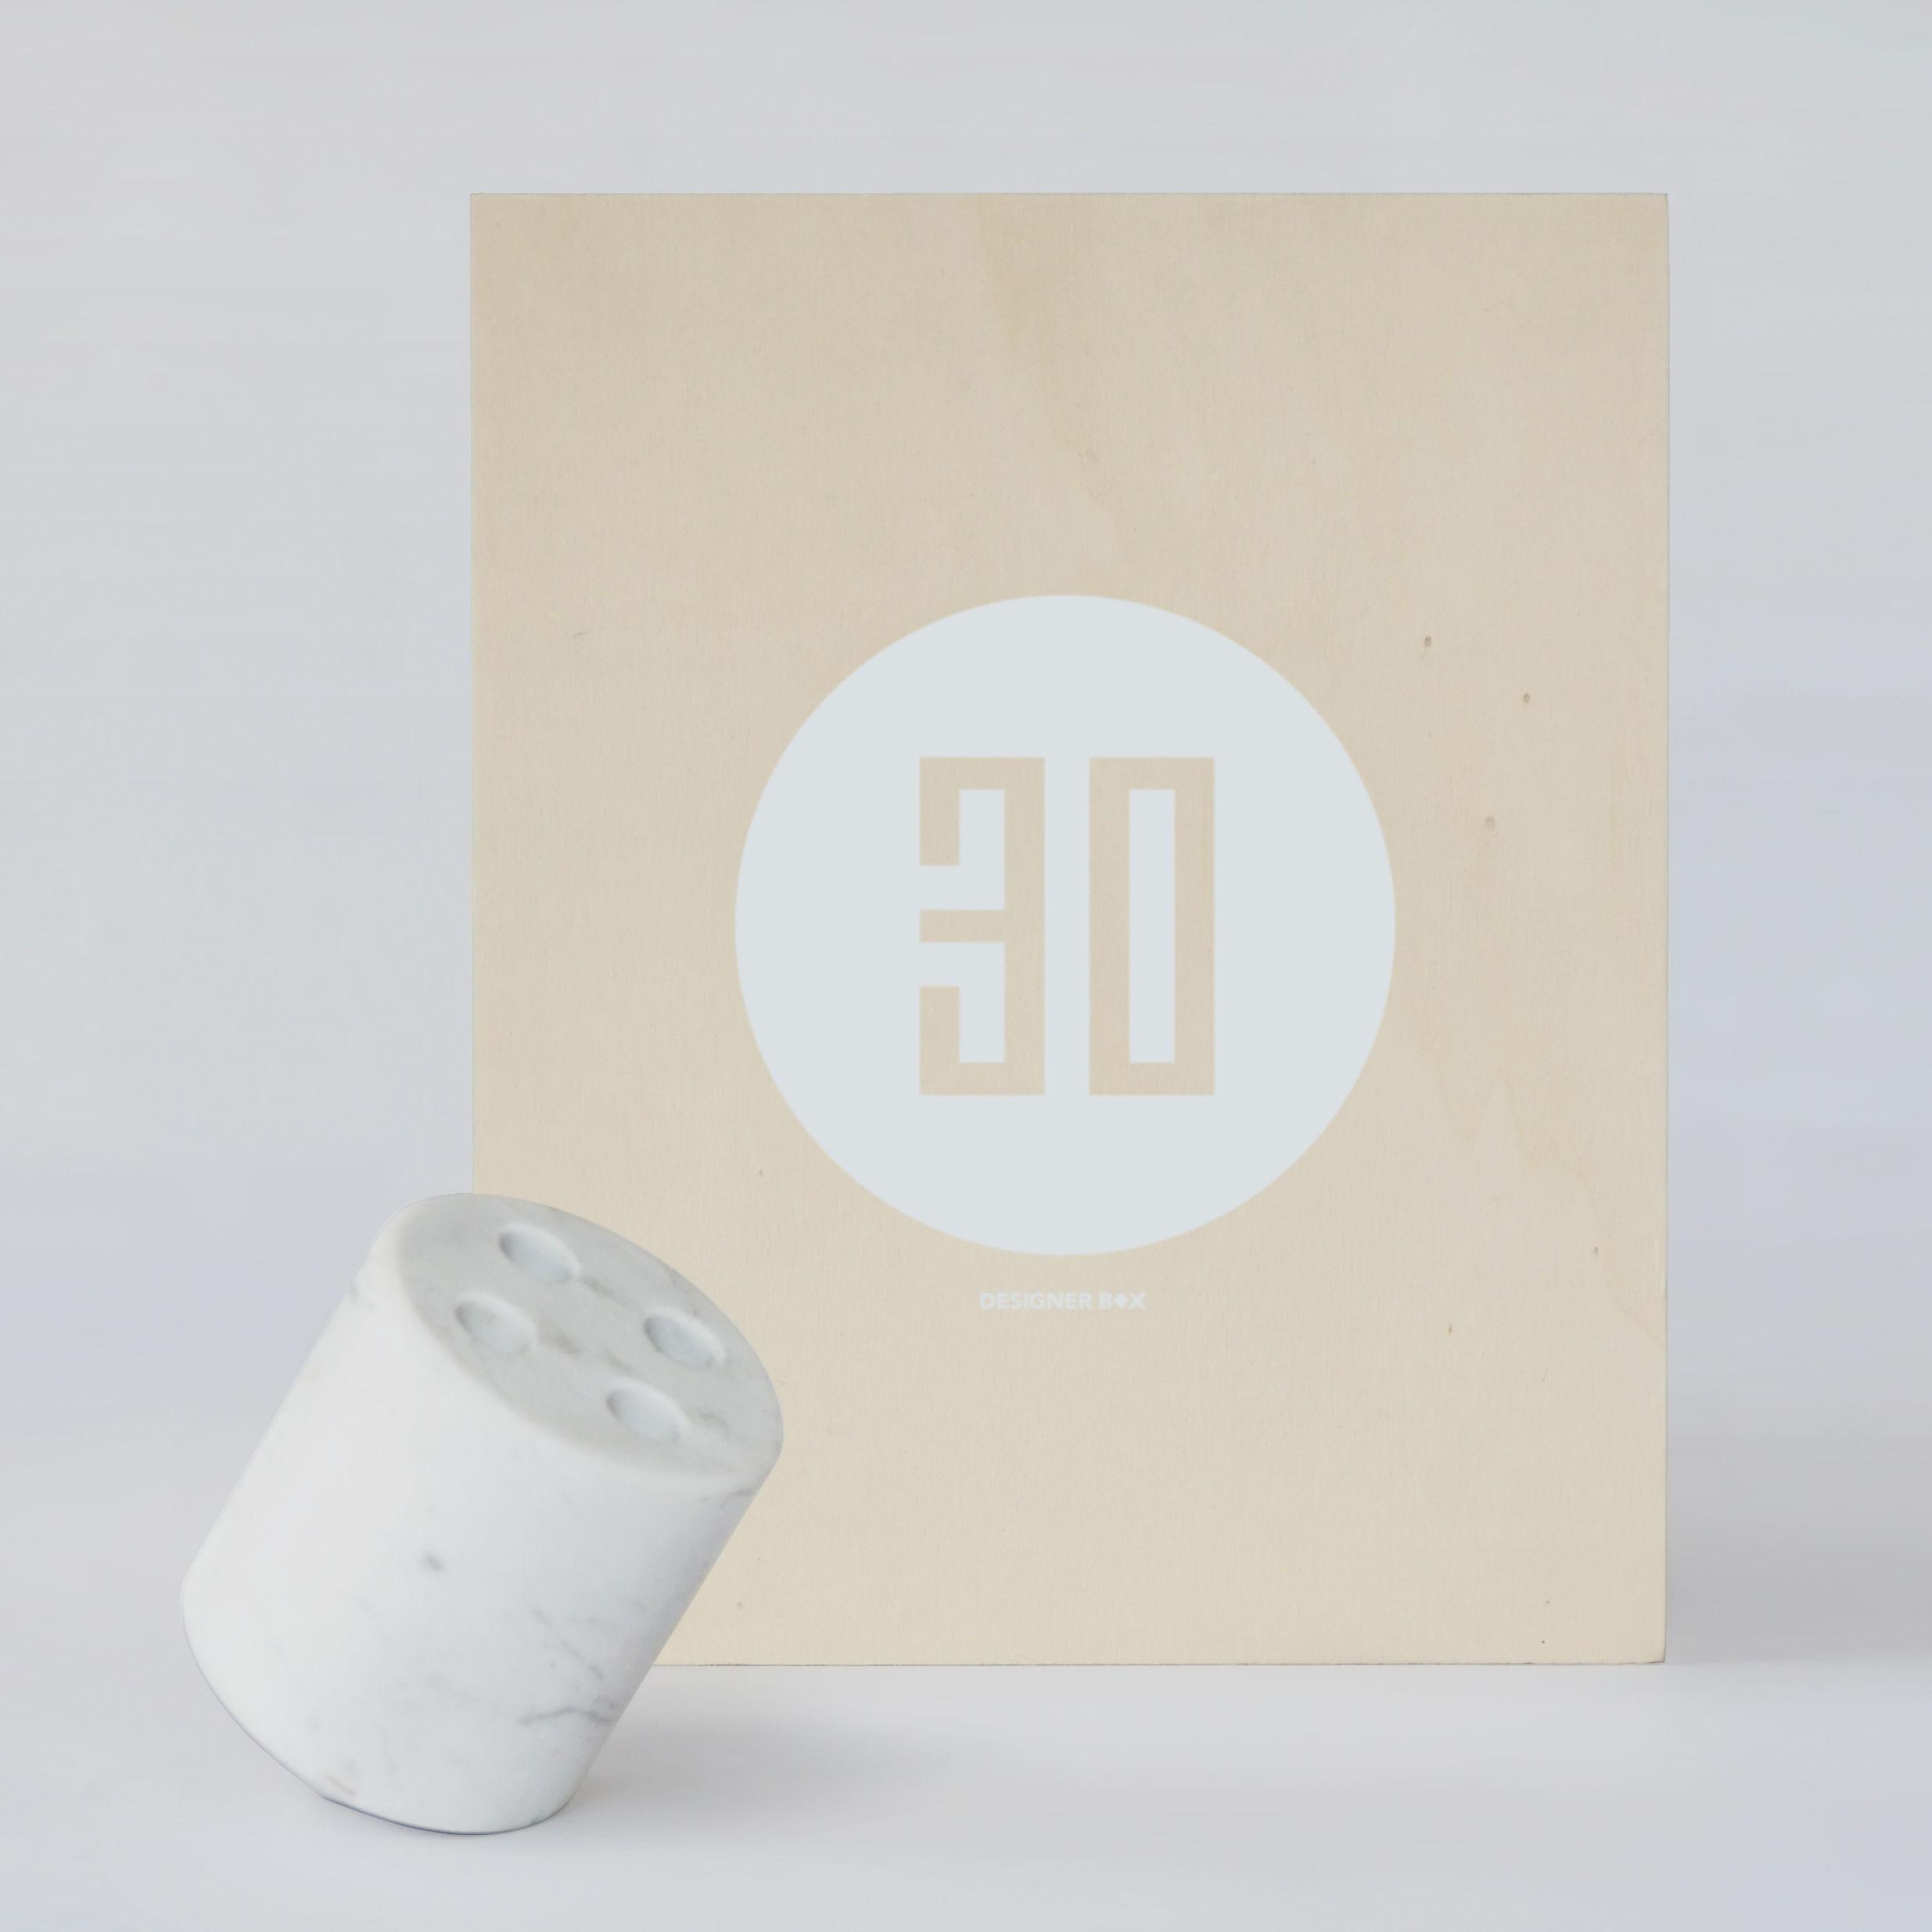 Accessoires - Accessoires bureau - Coffret Designerbox#30 / Porte-stylos Sputnik - Nathan Young - Designerbox - Marbre blanc / Coffret bois - Marbre